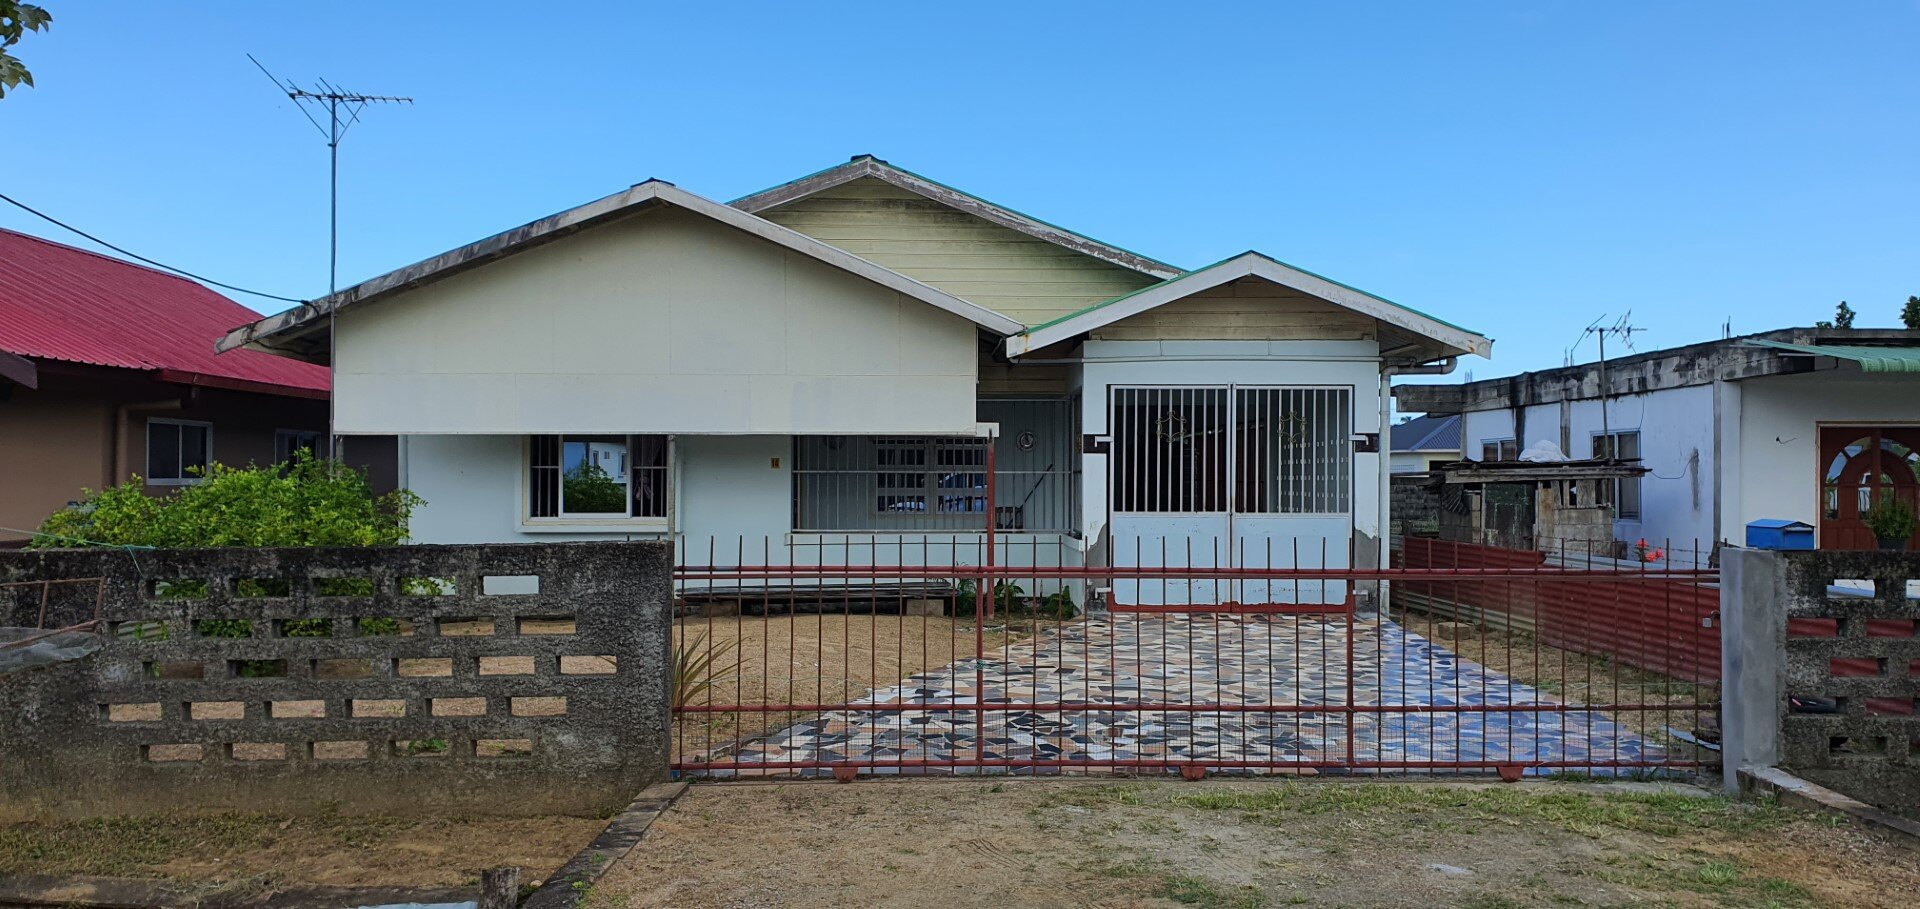 Devikastraat 14 - Standaard woning op 40 minuten afstand van de stad. - Surgoed Makelaardij NV - Paramaribo, Suriname